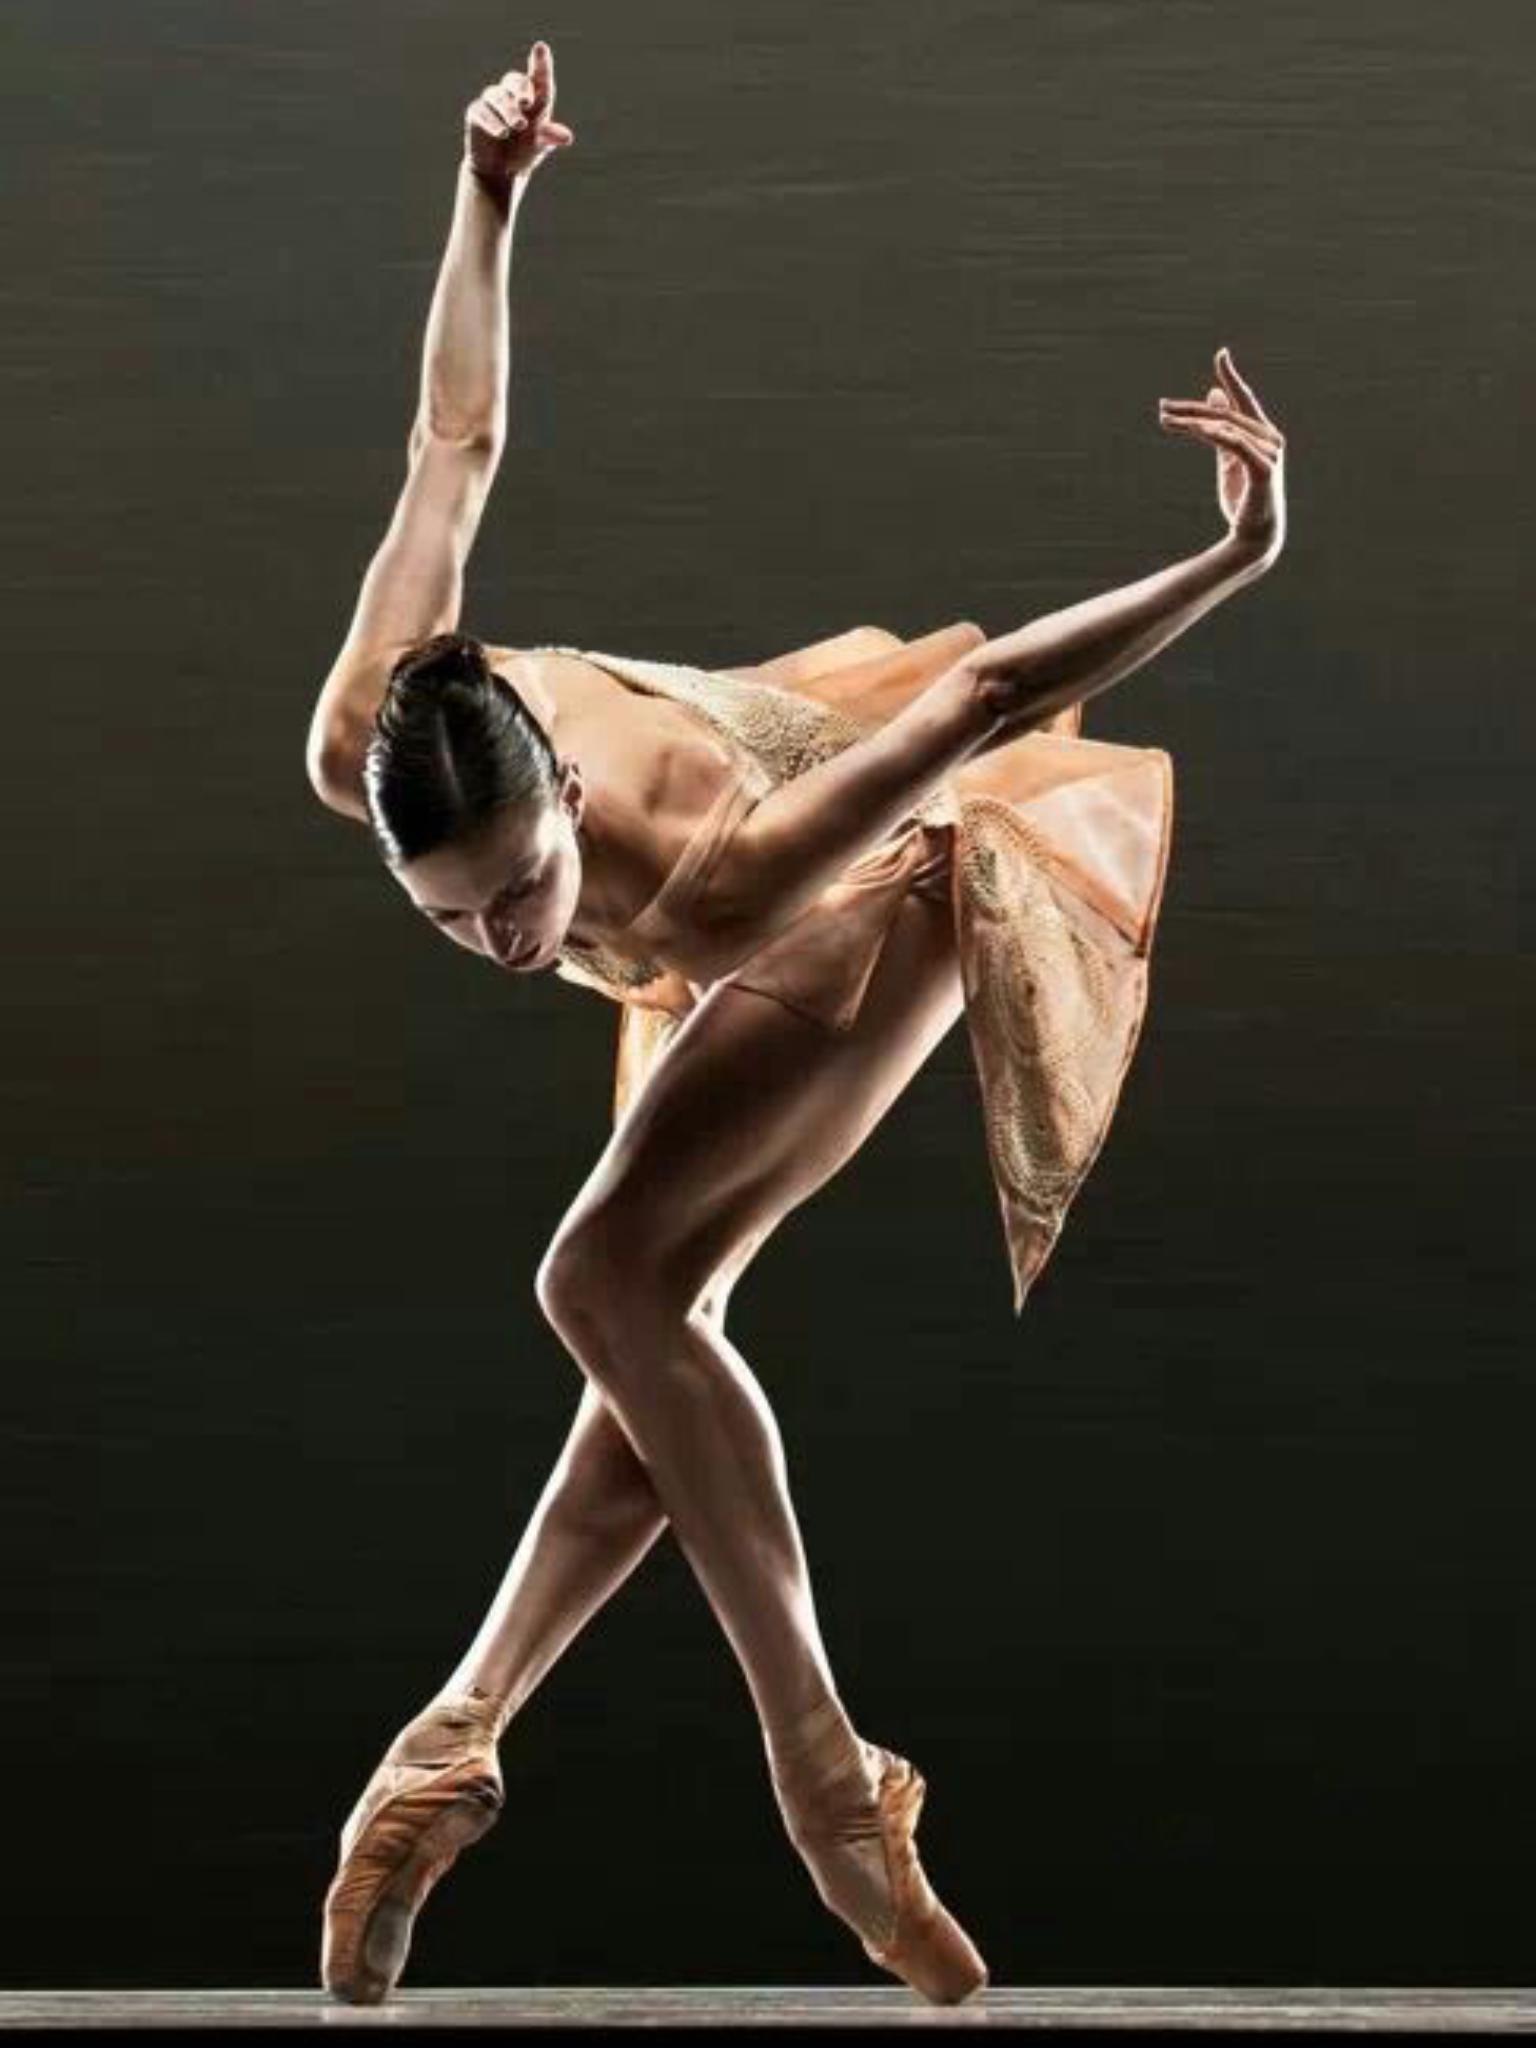 балерины в смешных позах поздним летним